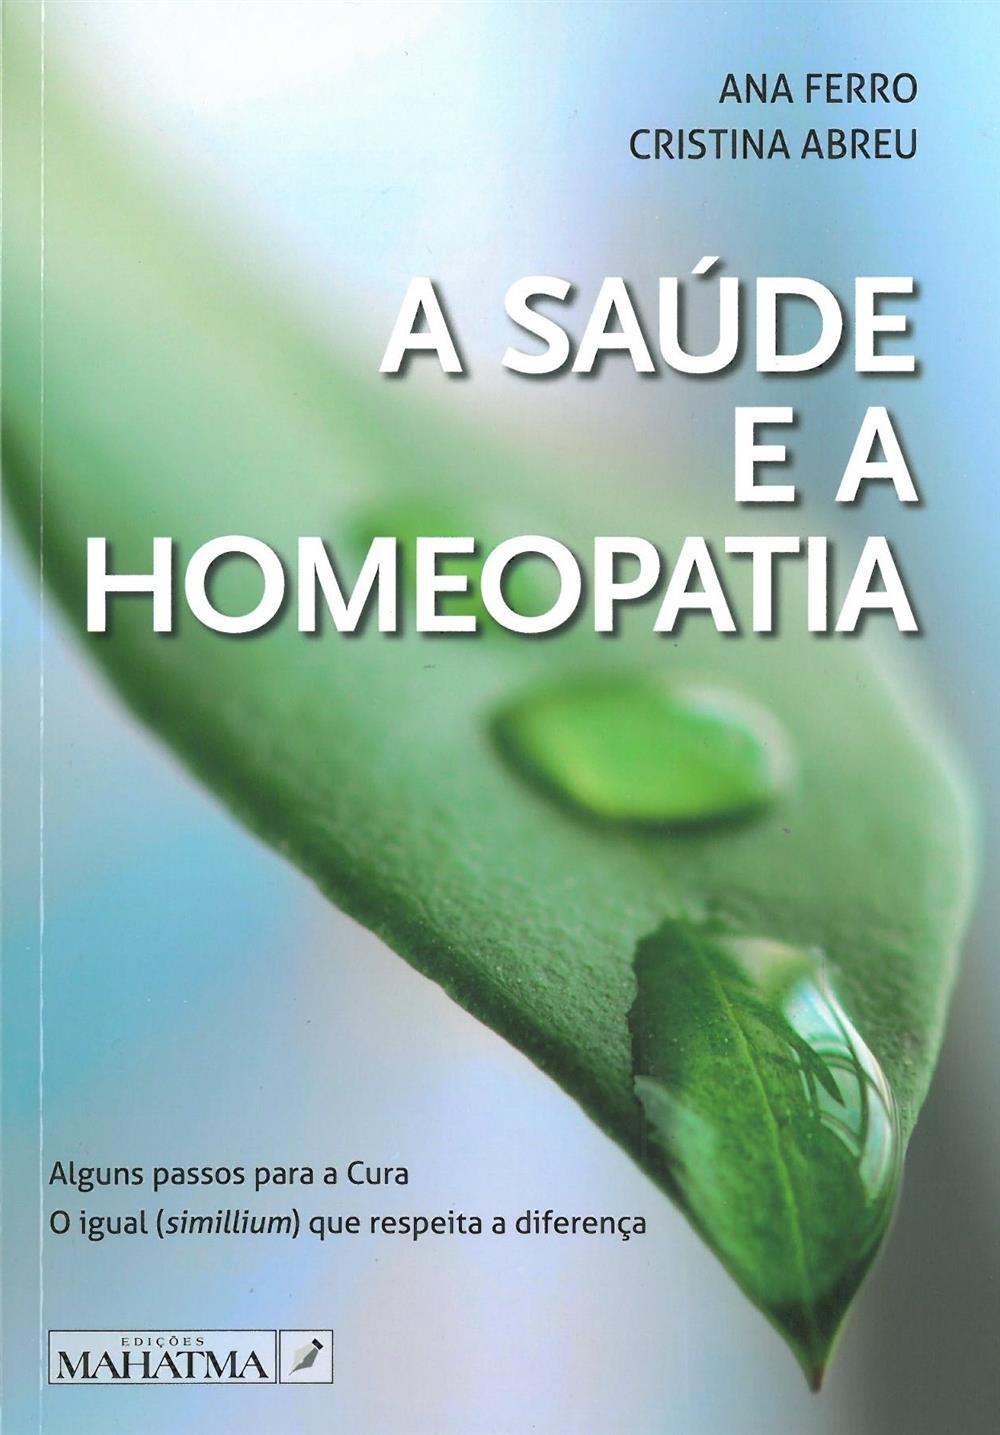 a saúde e a homeopatia.jpg